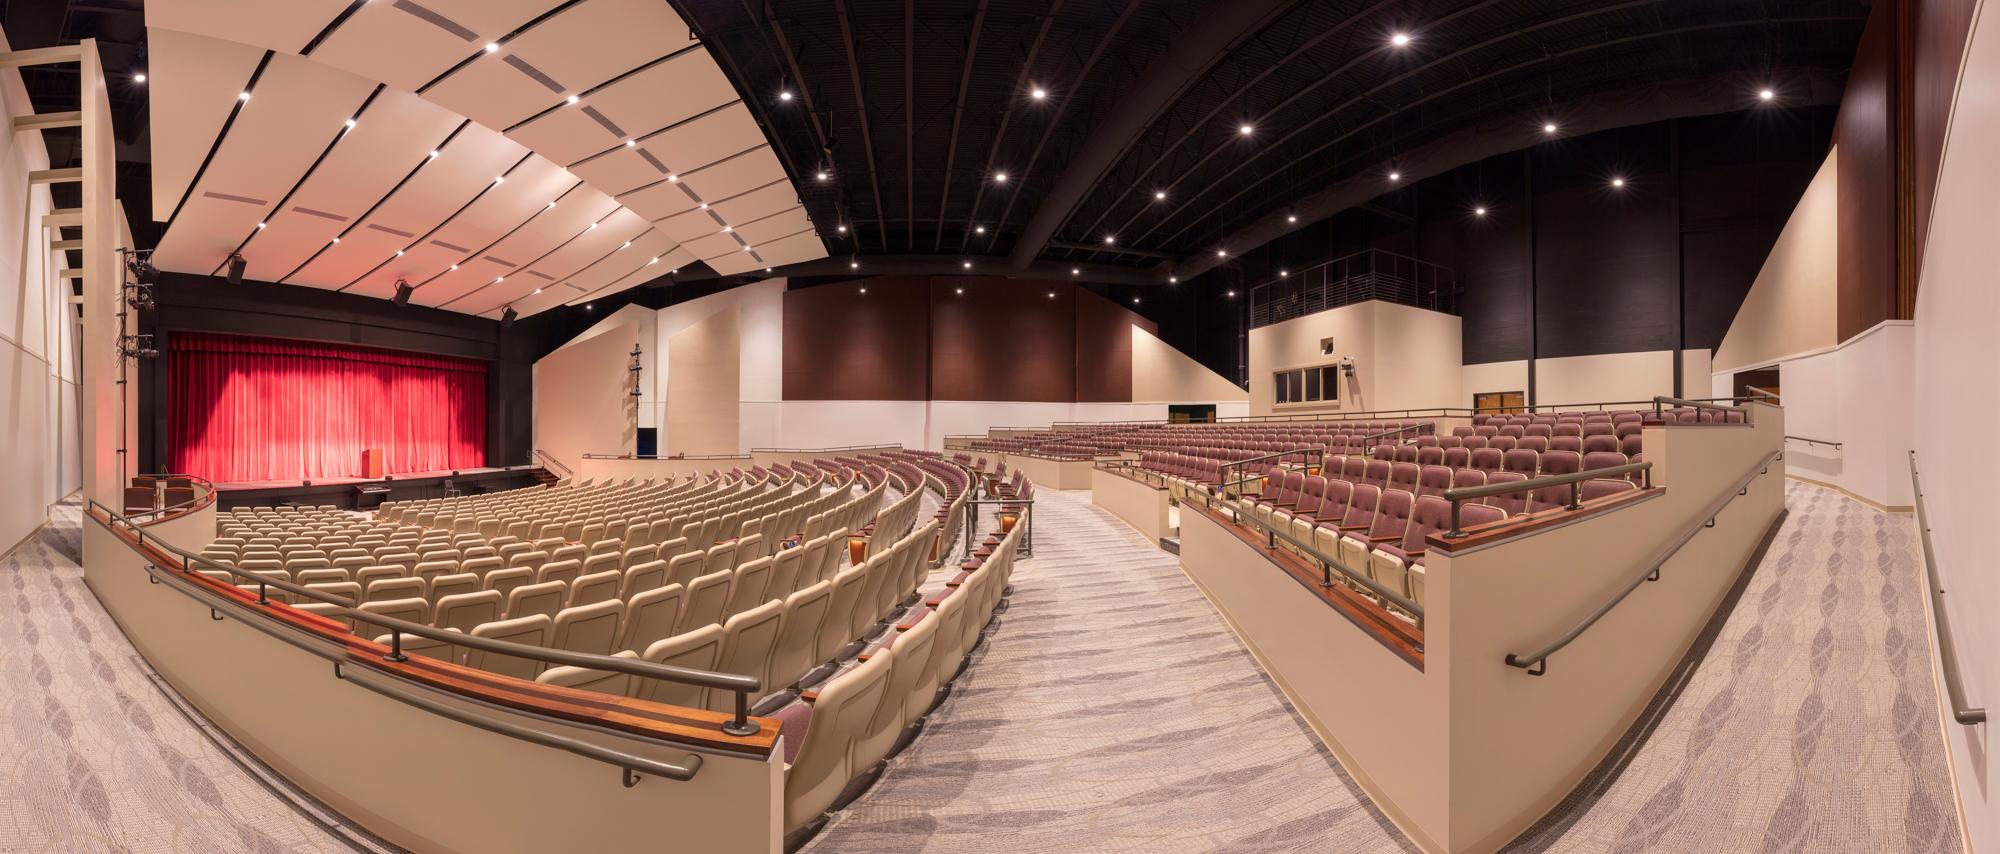 Newtown HS Auditorium